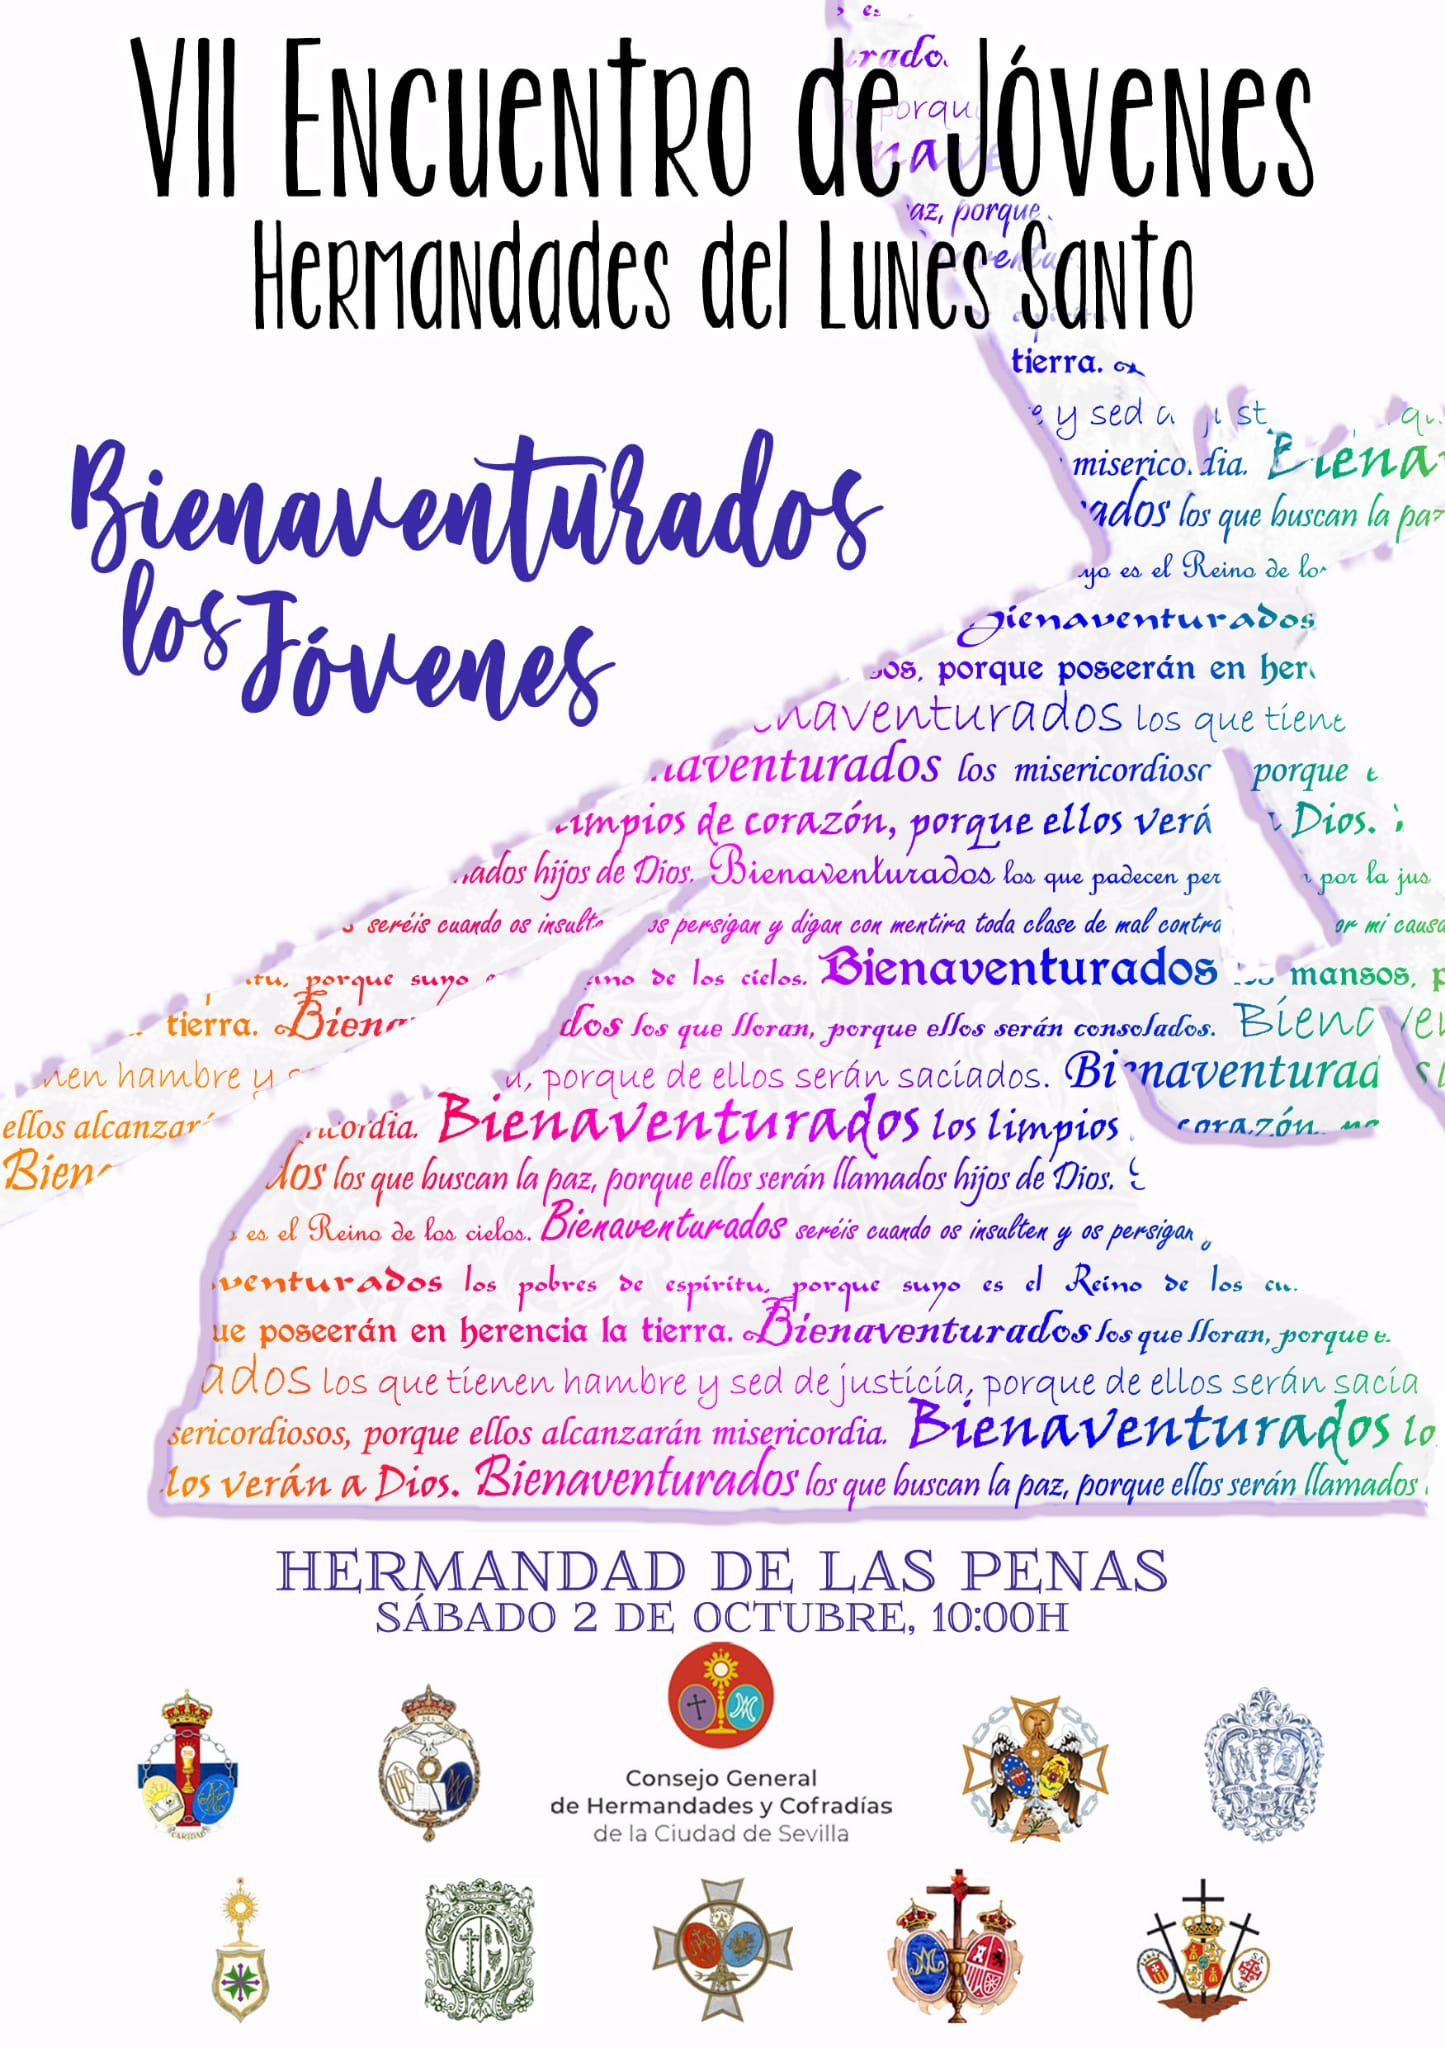 Hermandad de las Penas de San Vicente